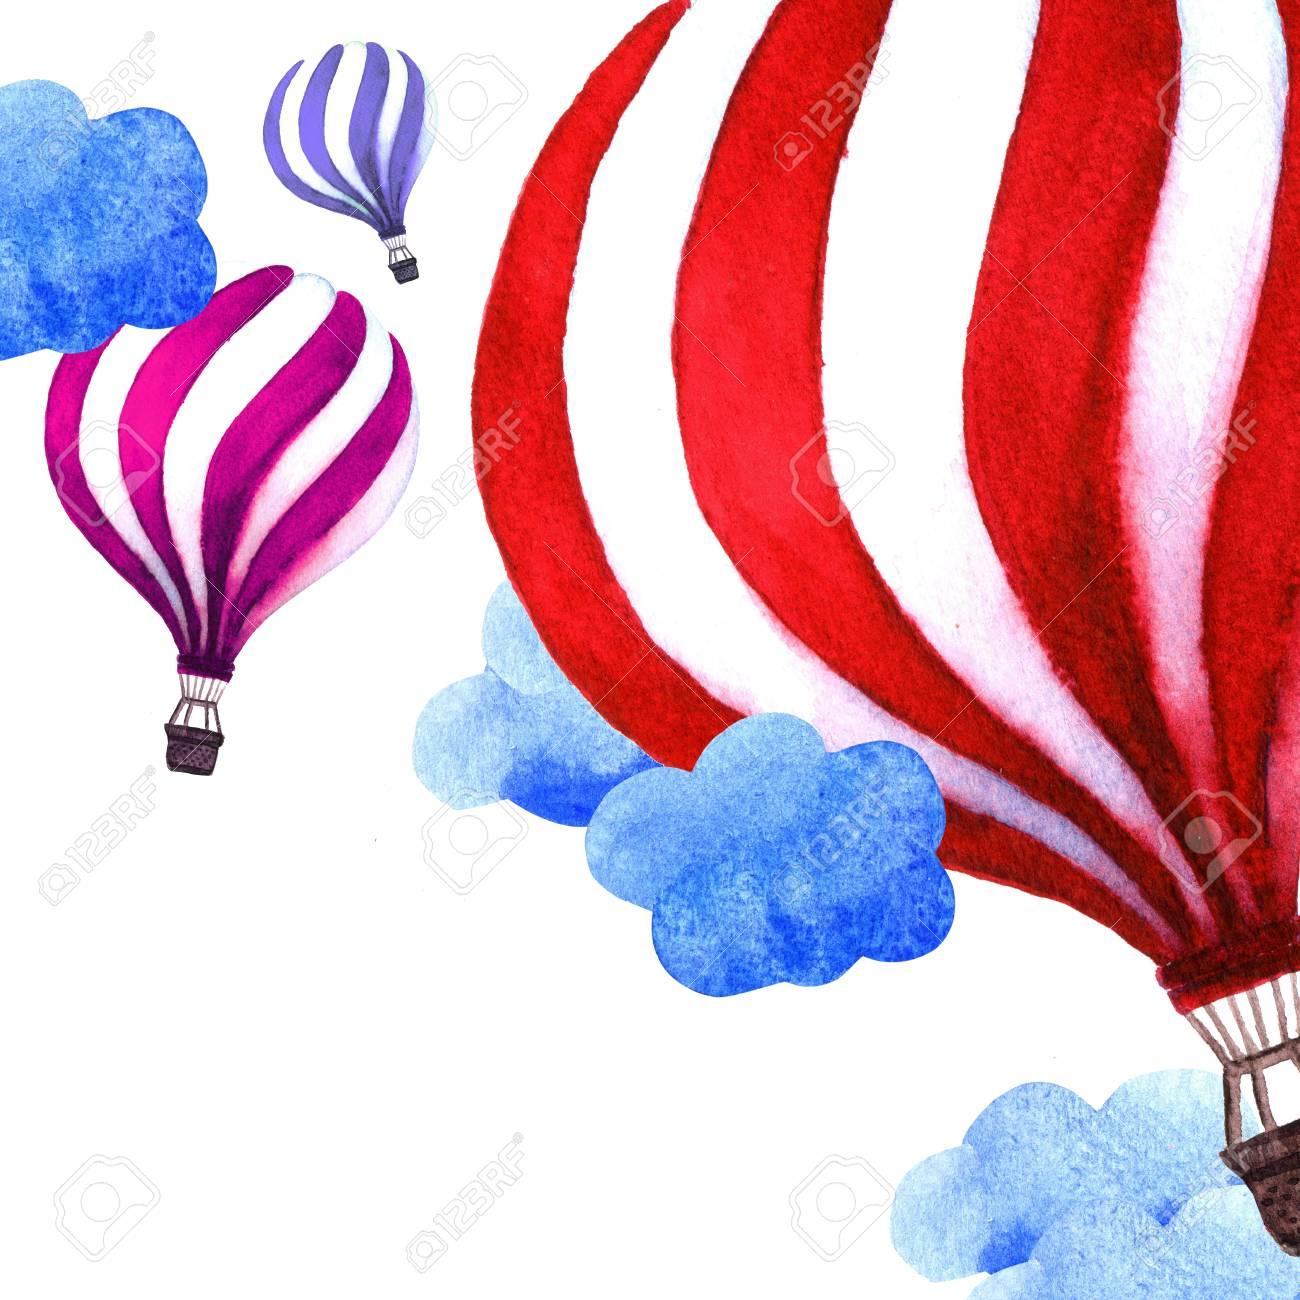 Tarjeta De Verano Con Coloridos Globos De Aire Caliente Fondo De Ilustración Acuarela Globos Aerostáticos En El Cielo Perfecto Para Invitaciones